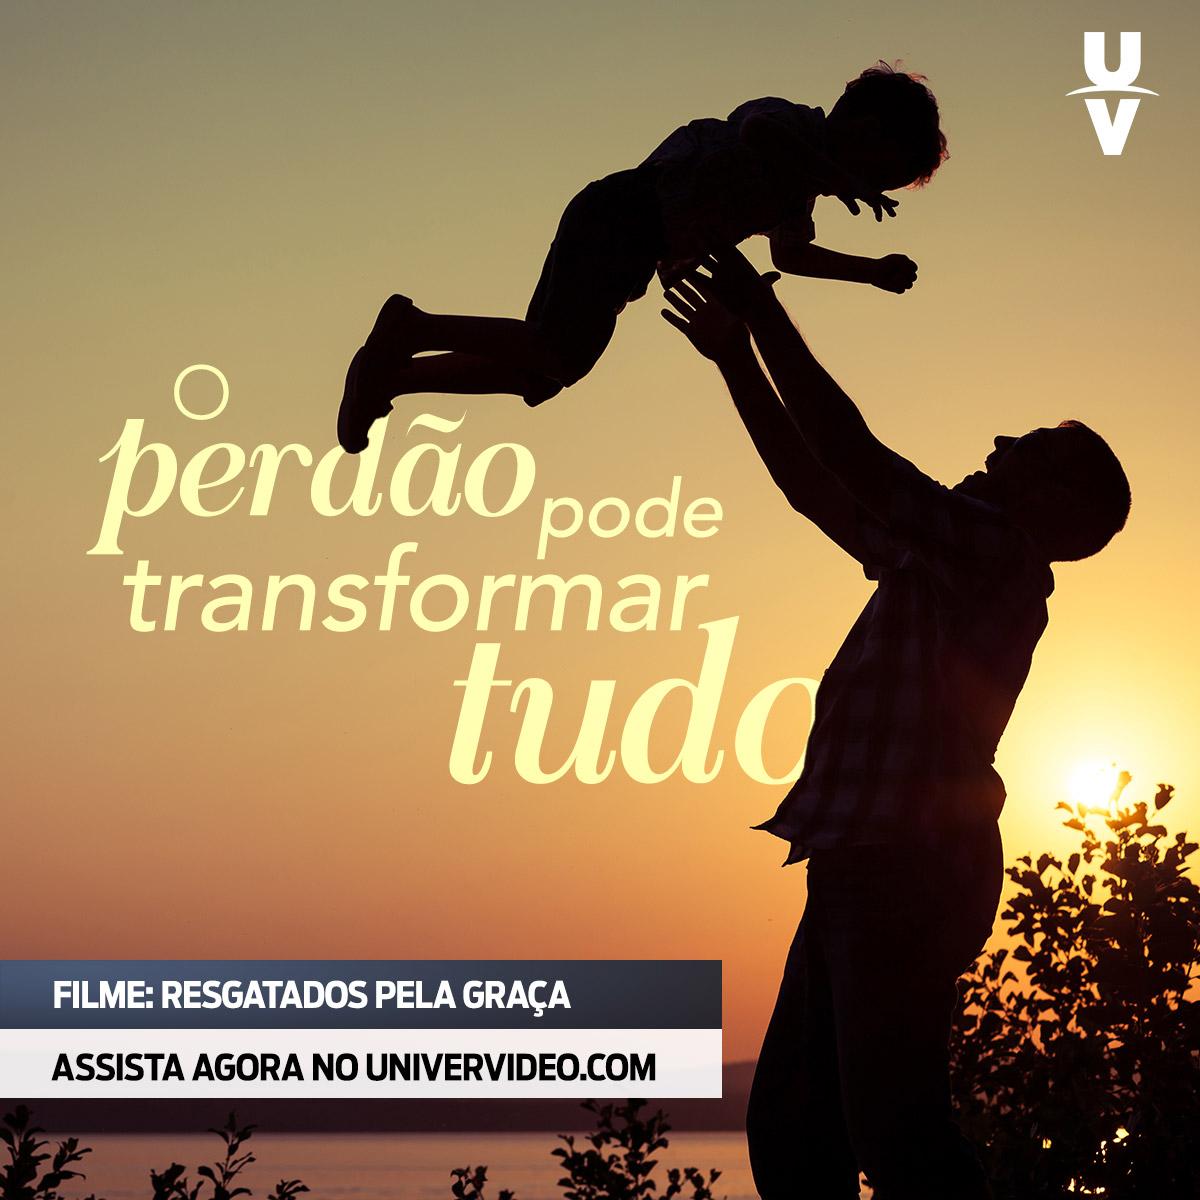 filme-exemplo-09 Filme: Resgatados pela Graça